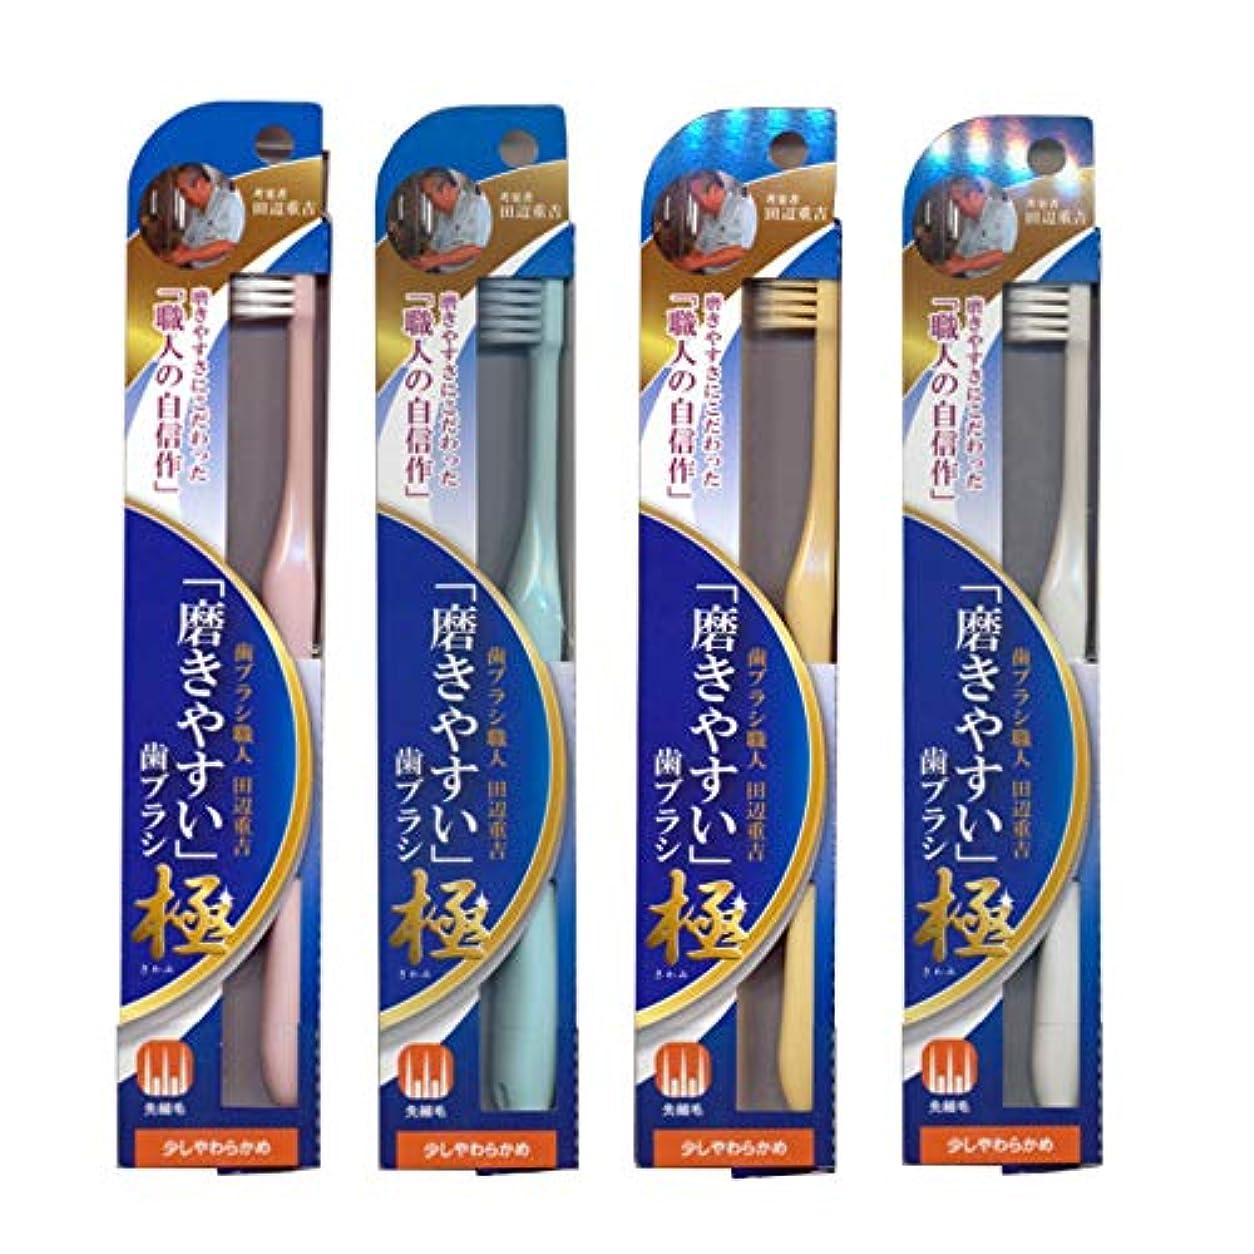 変な肌トーナメント磨きやすい歯ブラシ極 (少し柔らかめ) LT-43×12本セット(ピンク×3、ブルー×3、ホワイト×3、イエロー×3) 先細毛